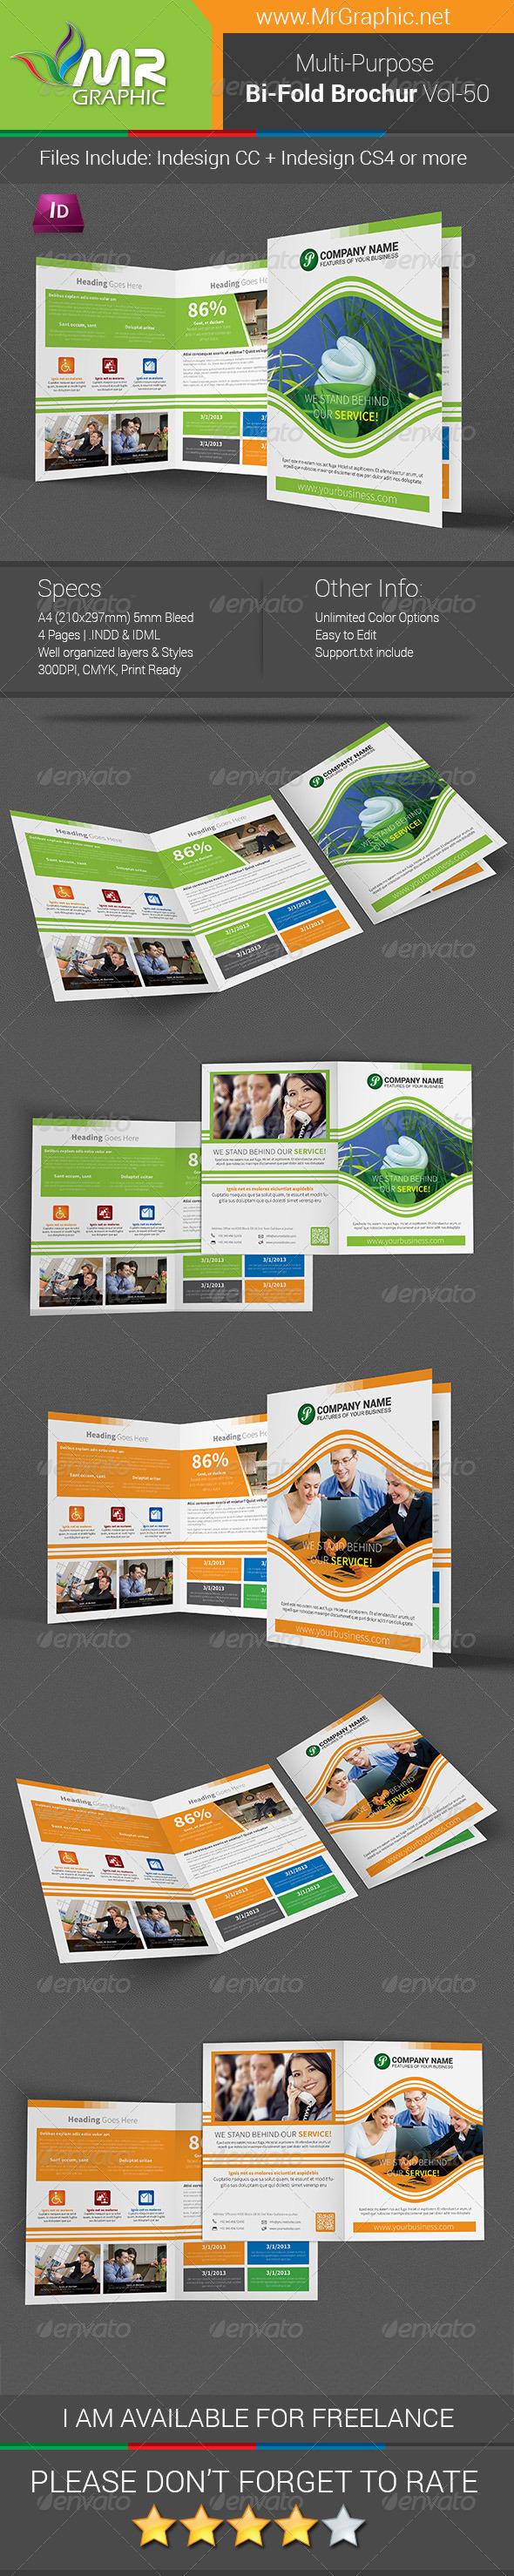 GraphicRiver Multi-purpose Bi-fold Brochure Template Vol-50 7413273